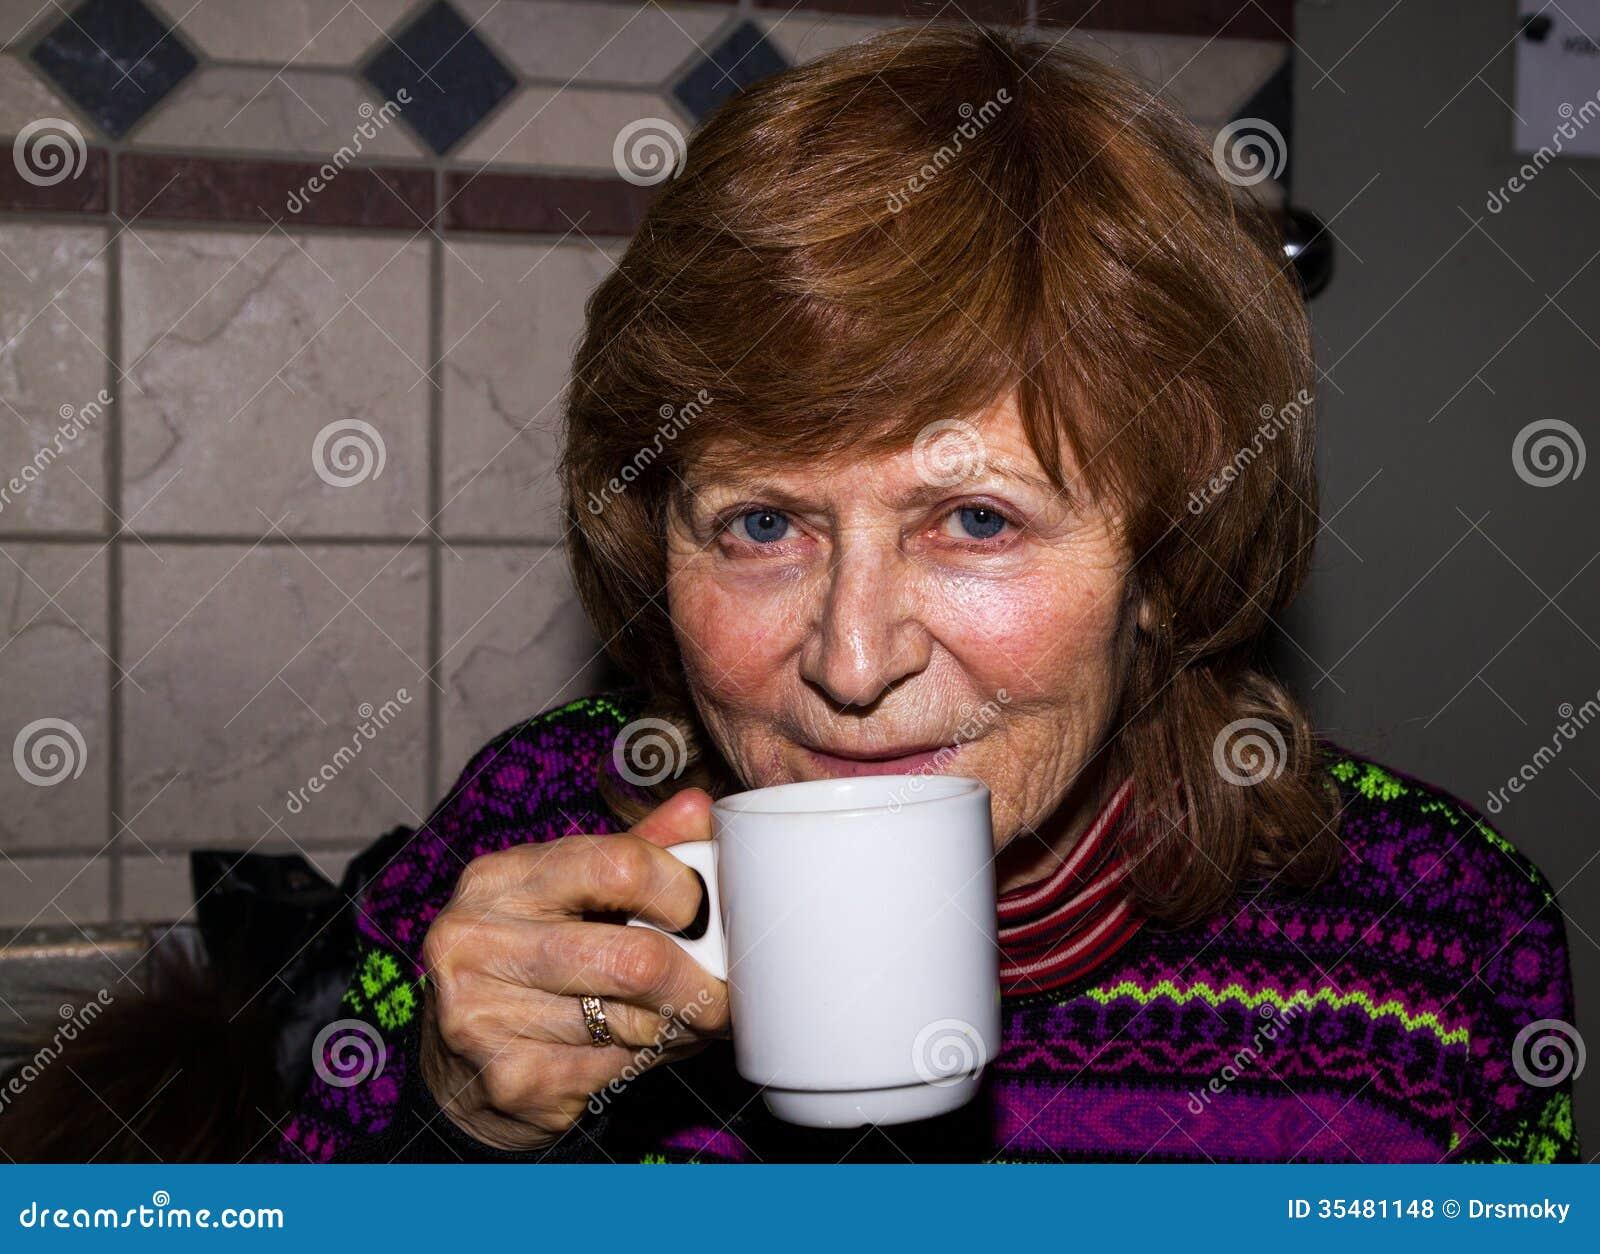 Portret van een gelukkige hogere vrouw.